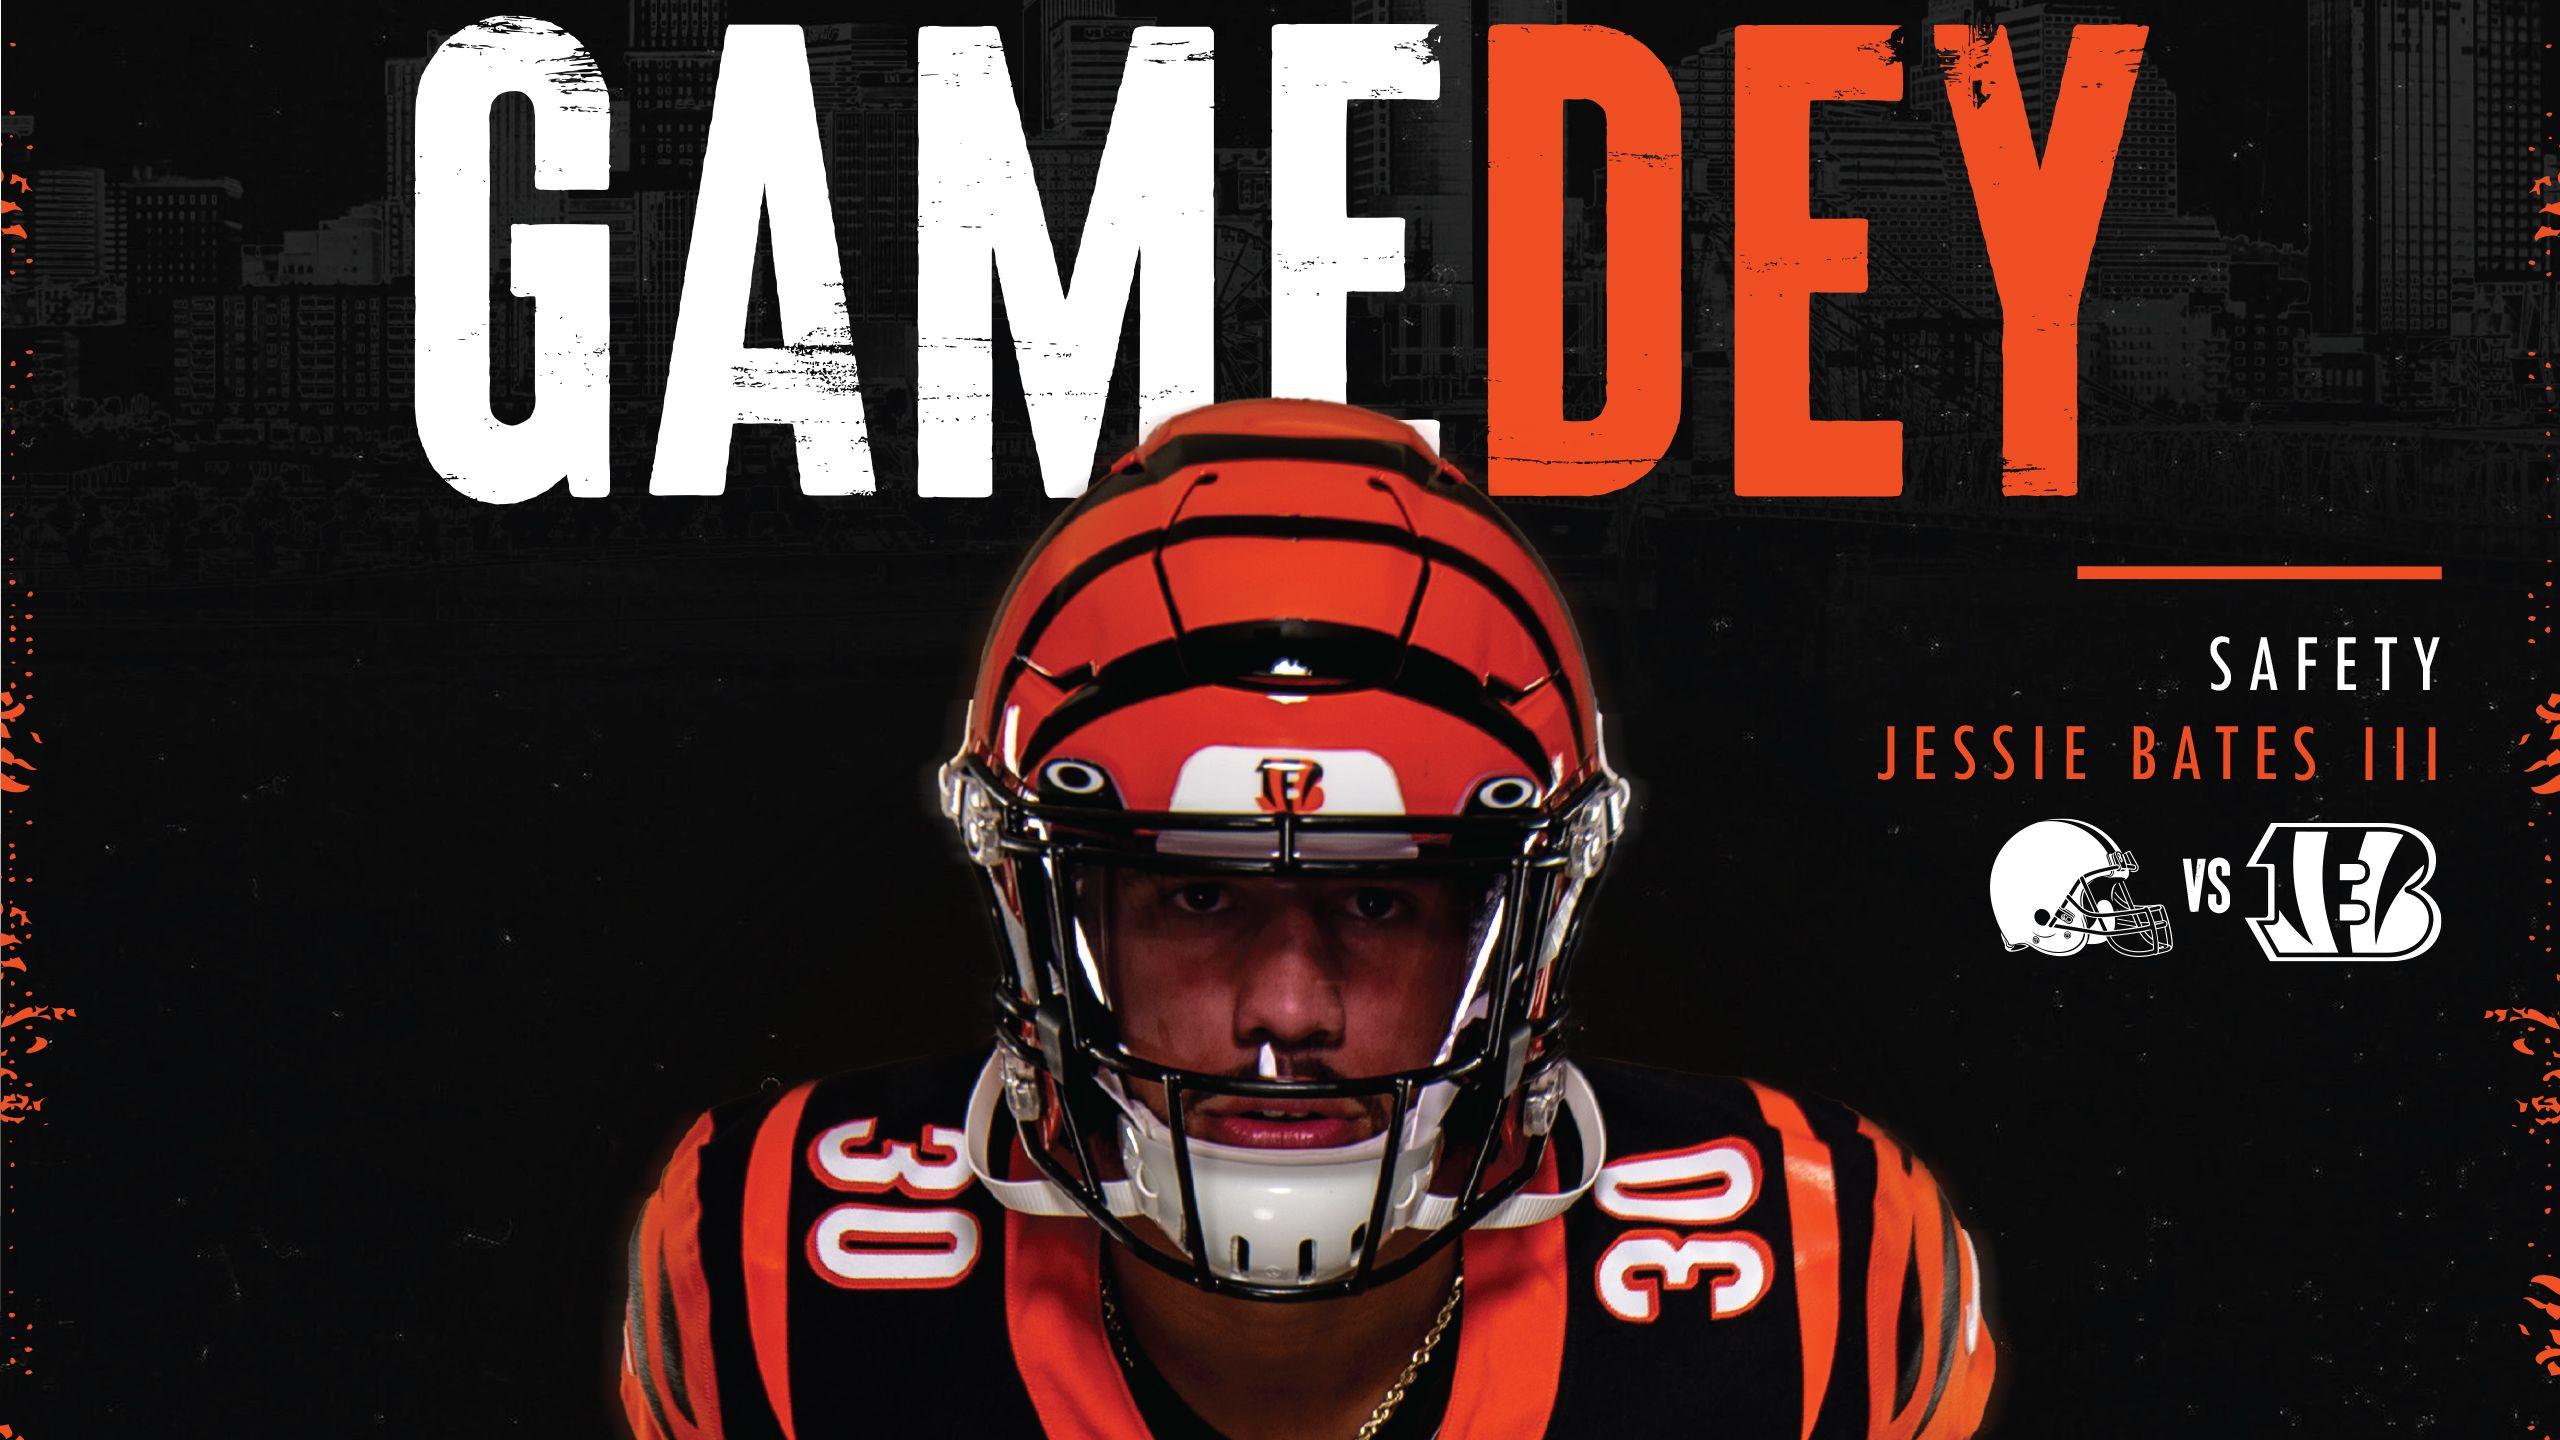 Gamedey Program - Game 3 vs. Cleveland Browns